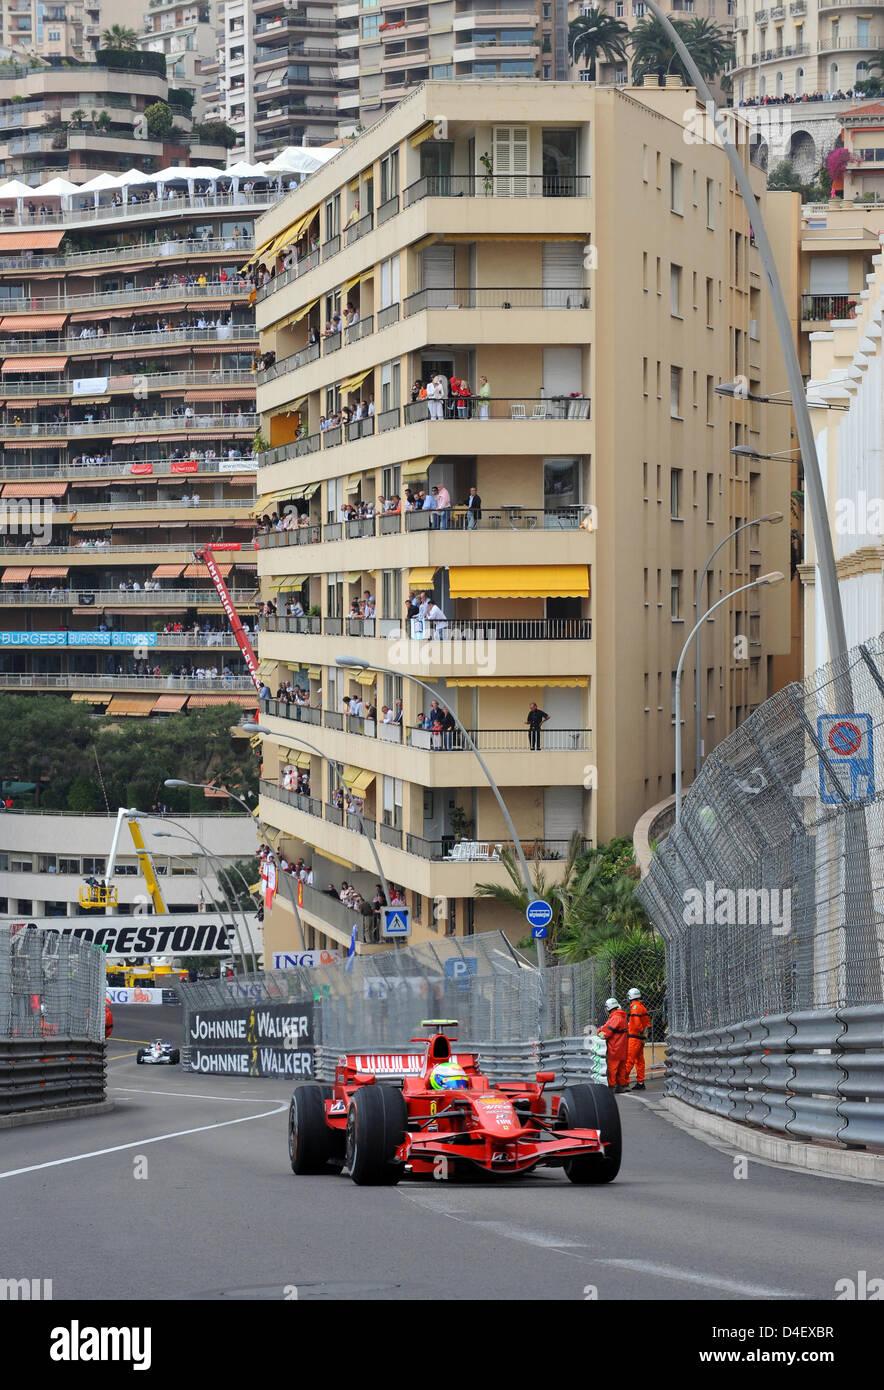 Brazilian Formula One Driver Felipe Massa Of Scuderia Ferrari Speeds Stock Photo Alamy